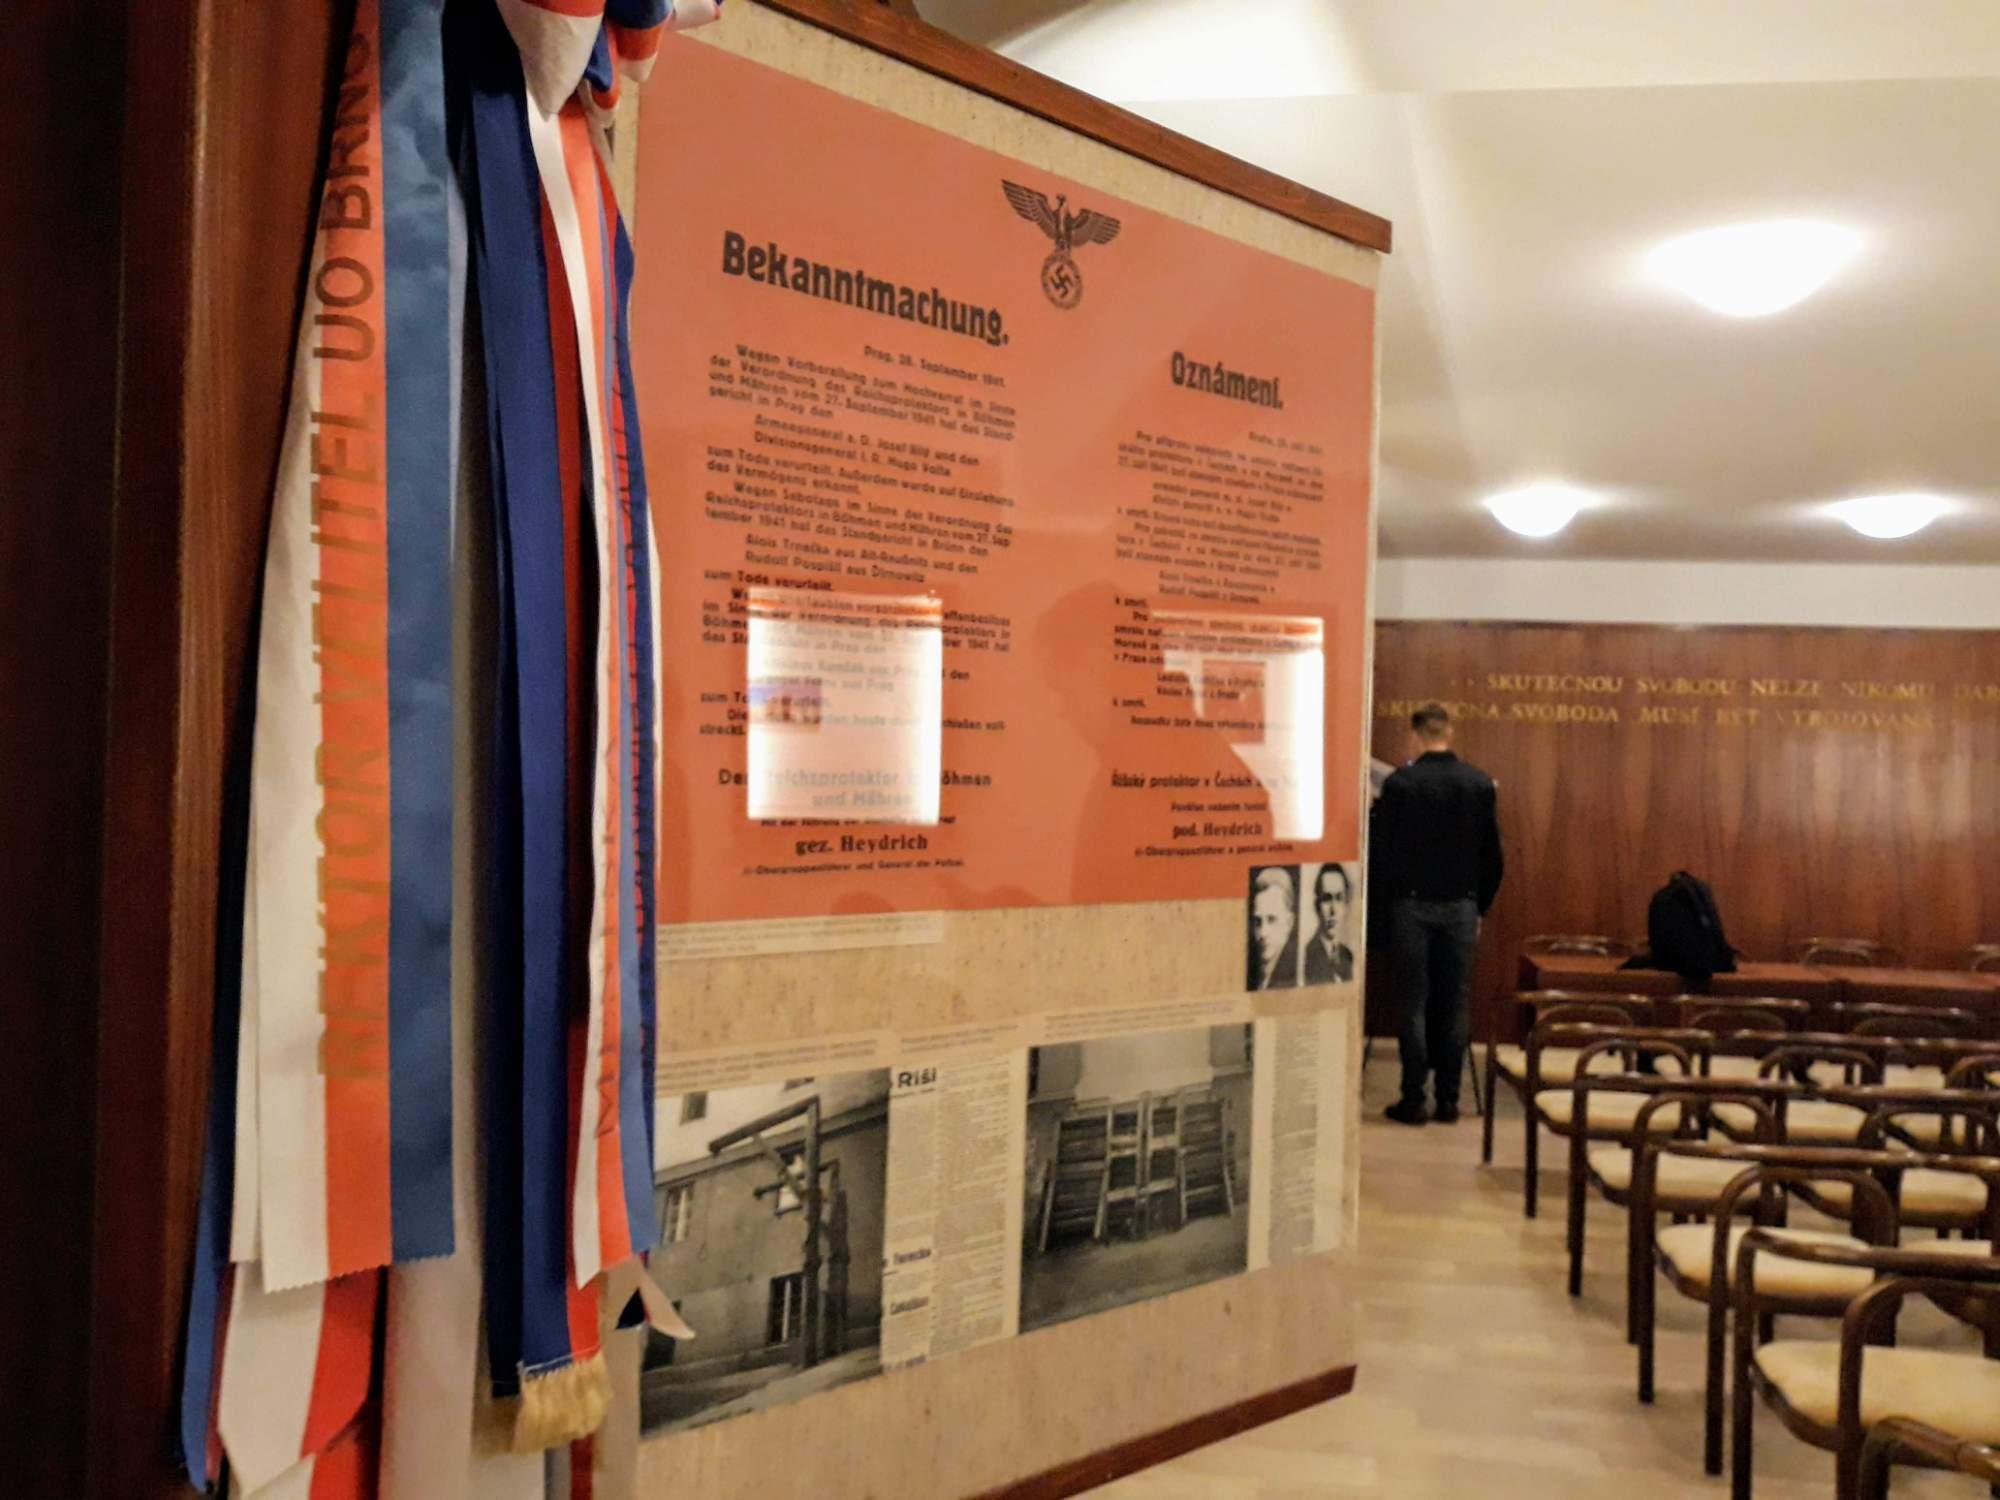 Pamětní síň v Kounicových kolejích. Foto: Miroslava Putzlacherová